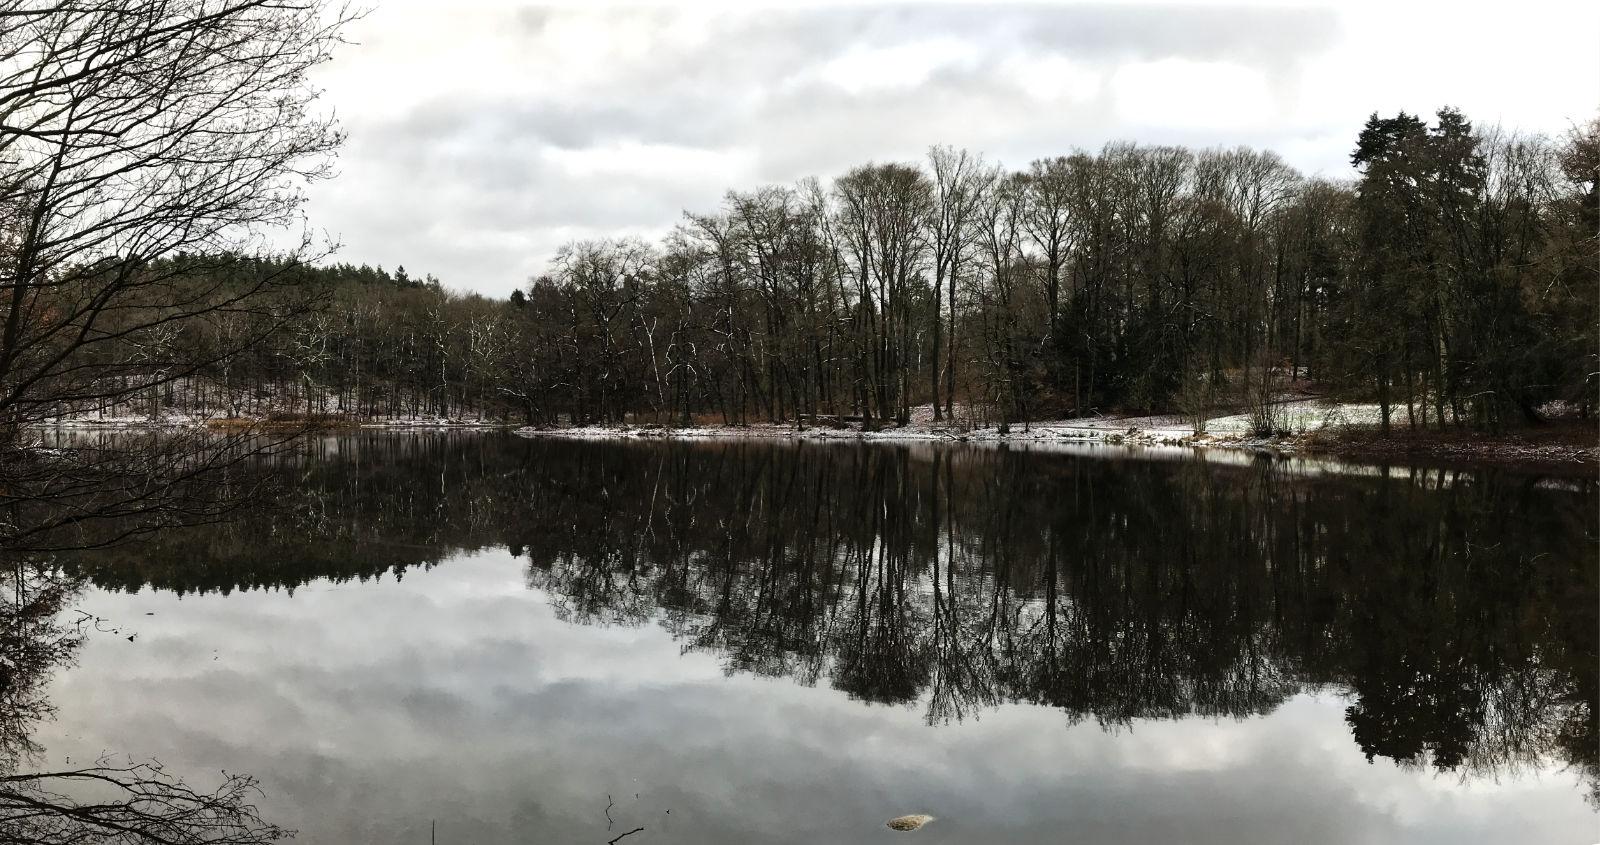 Panorame des Teichs im Park Manhagen